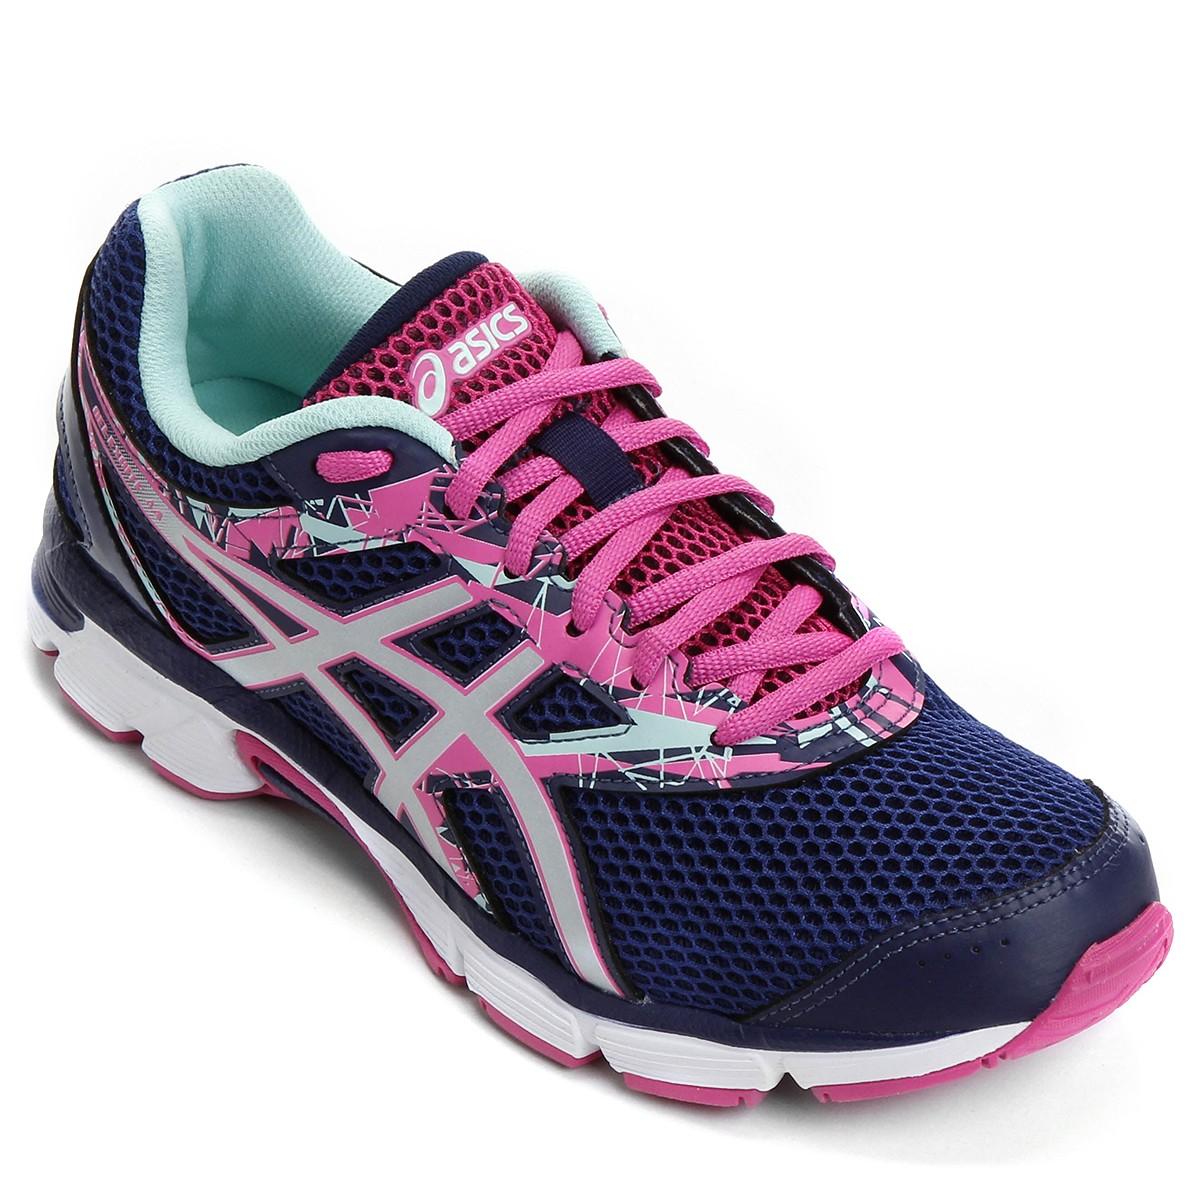 Tênis Asics Gel-Excite 4 A T070A-4293 - Marinho Pink - Calçados ... bc90b08640535